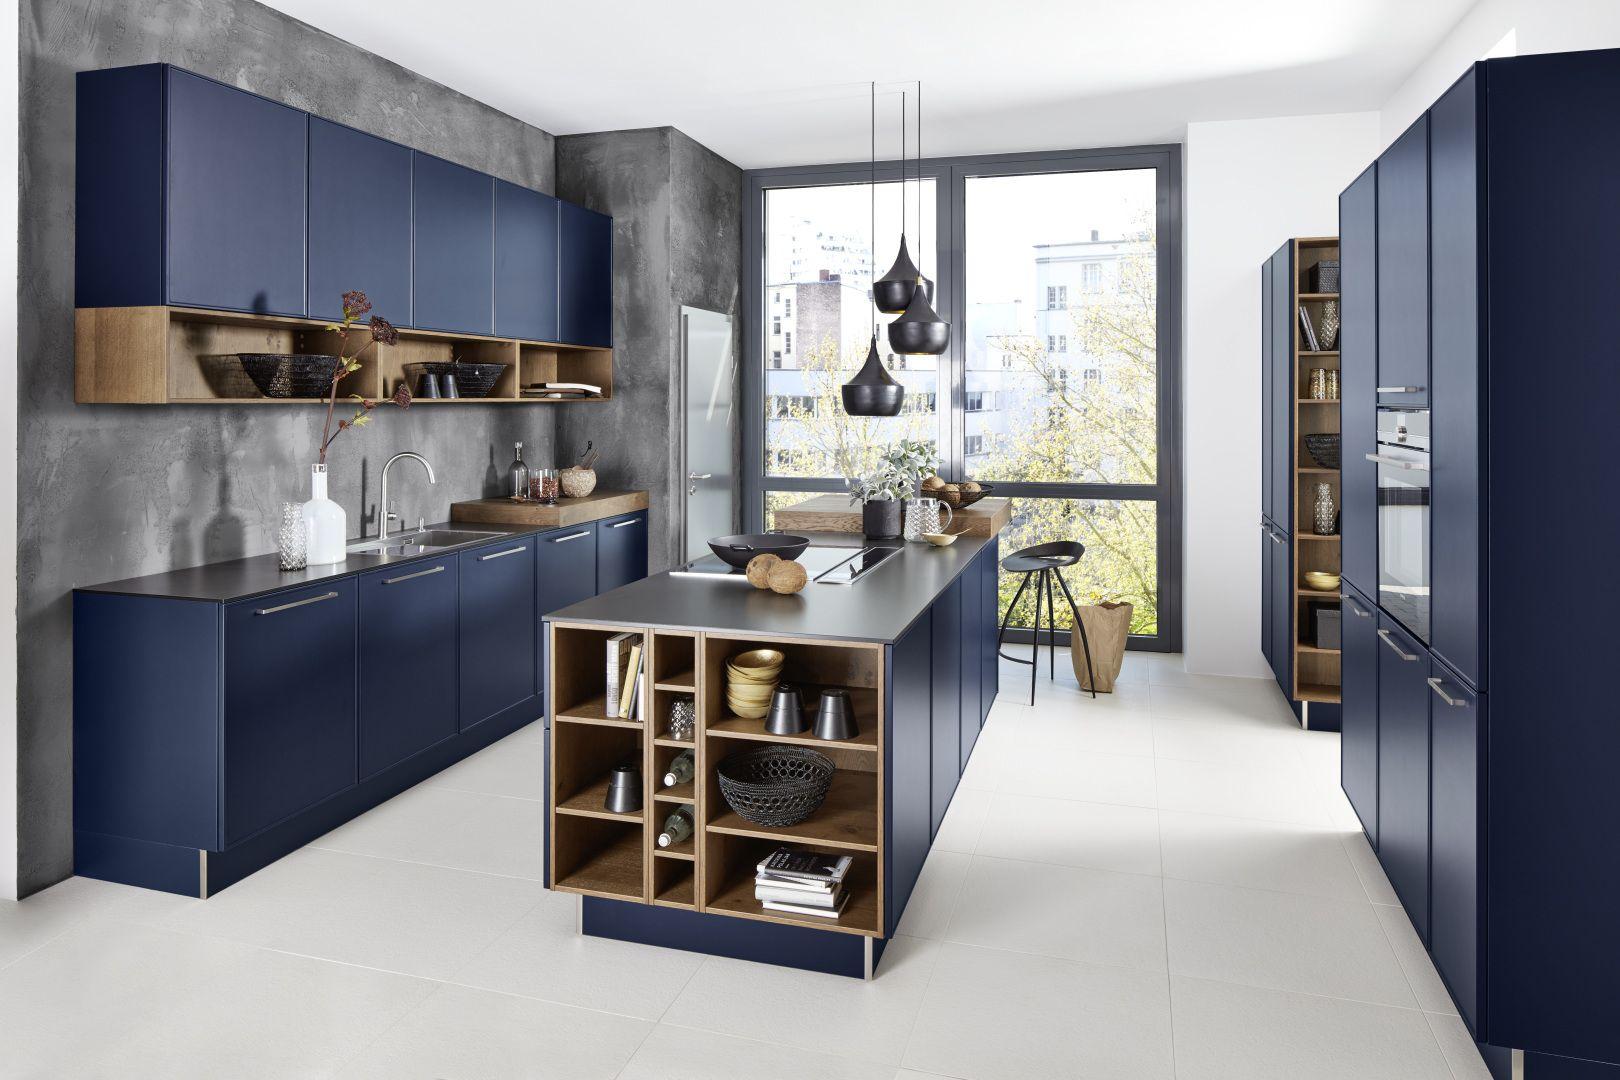 Moderne Küchen: Stilvoll, Innovativ | Nolte Kuechen.de